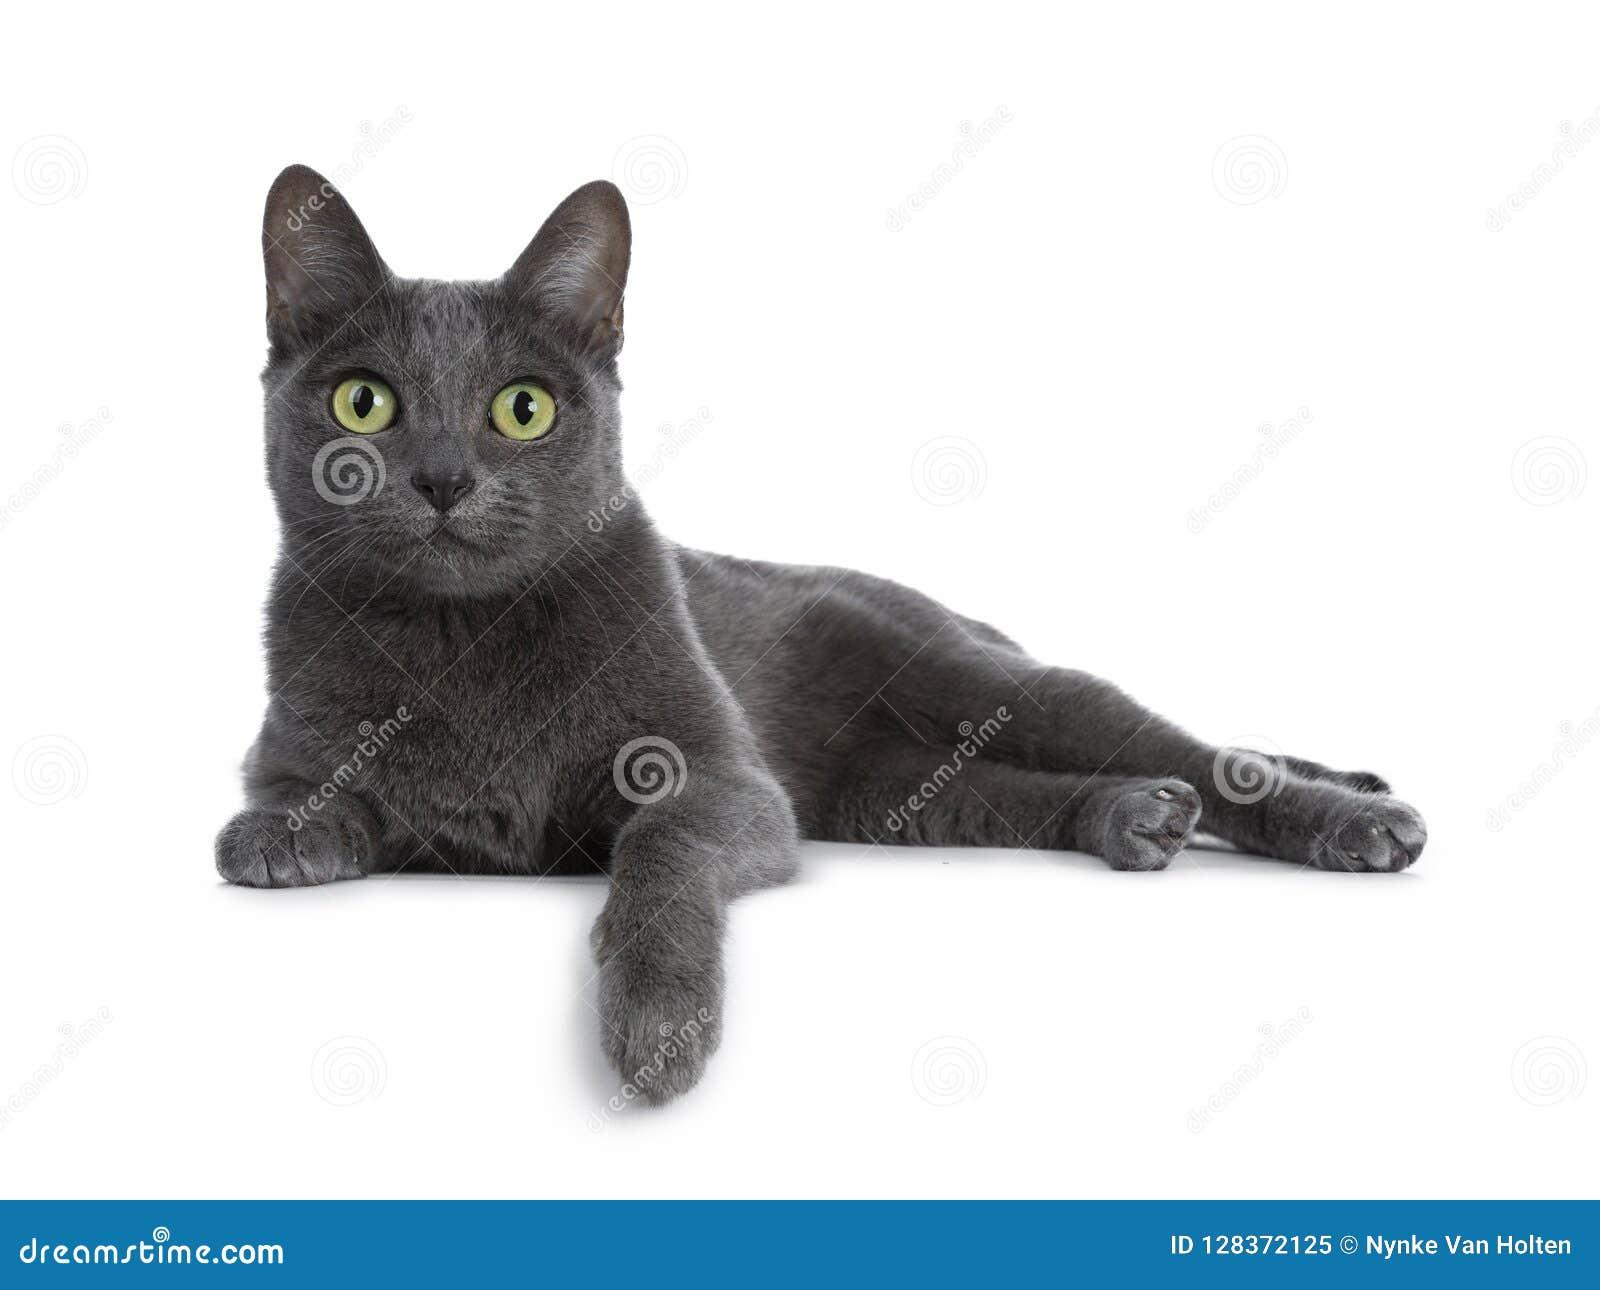 银打翻了蓝色成人呵叻猫,隔绝在白色背景